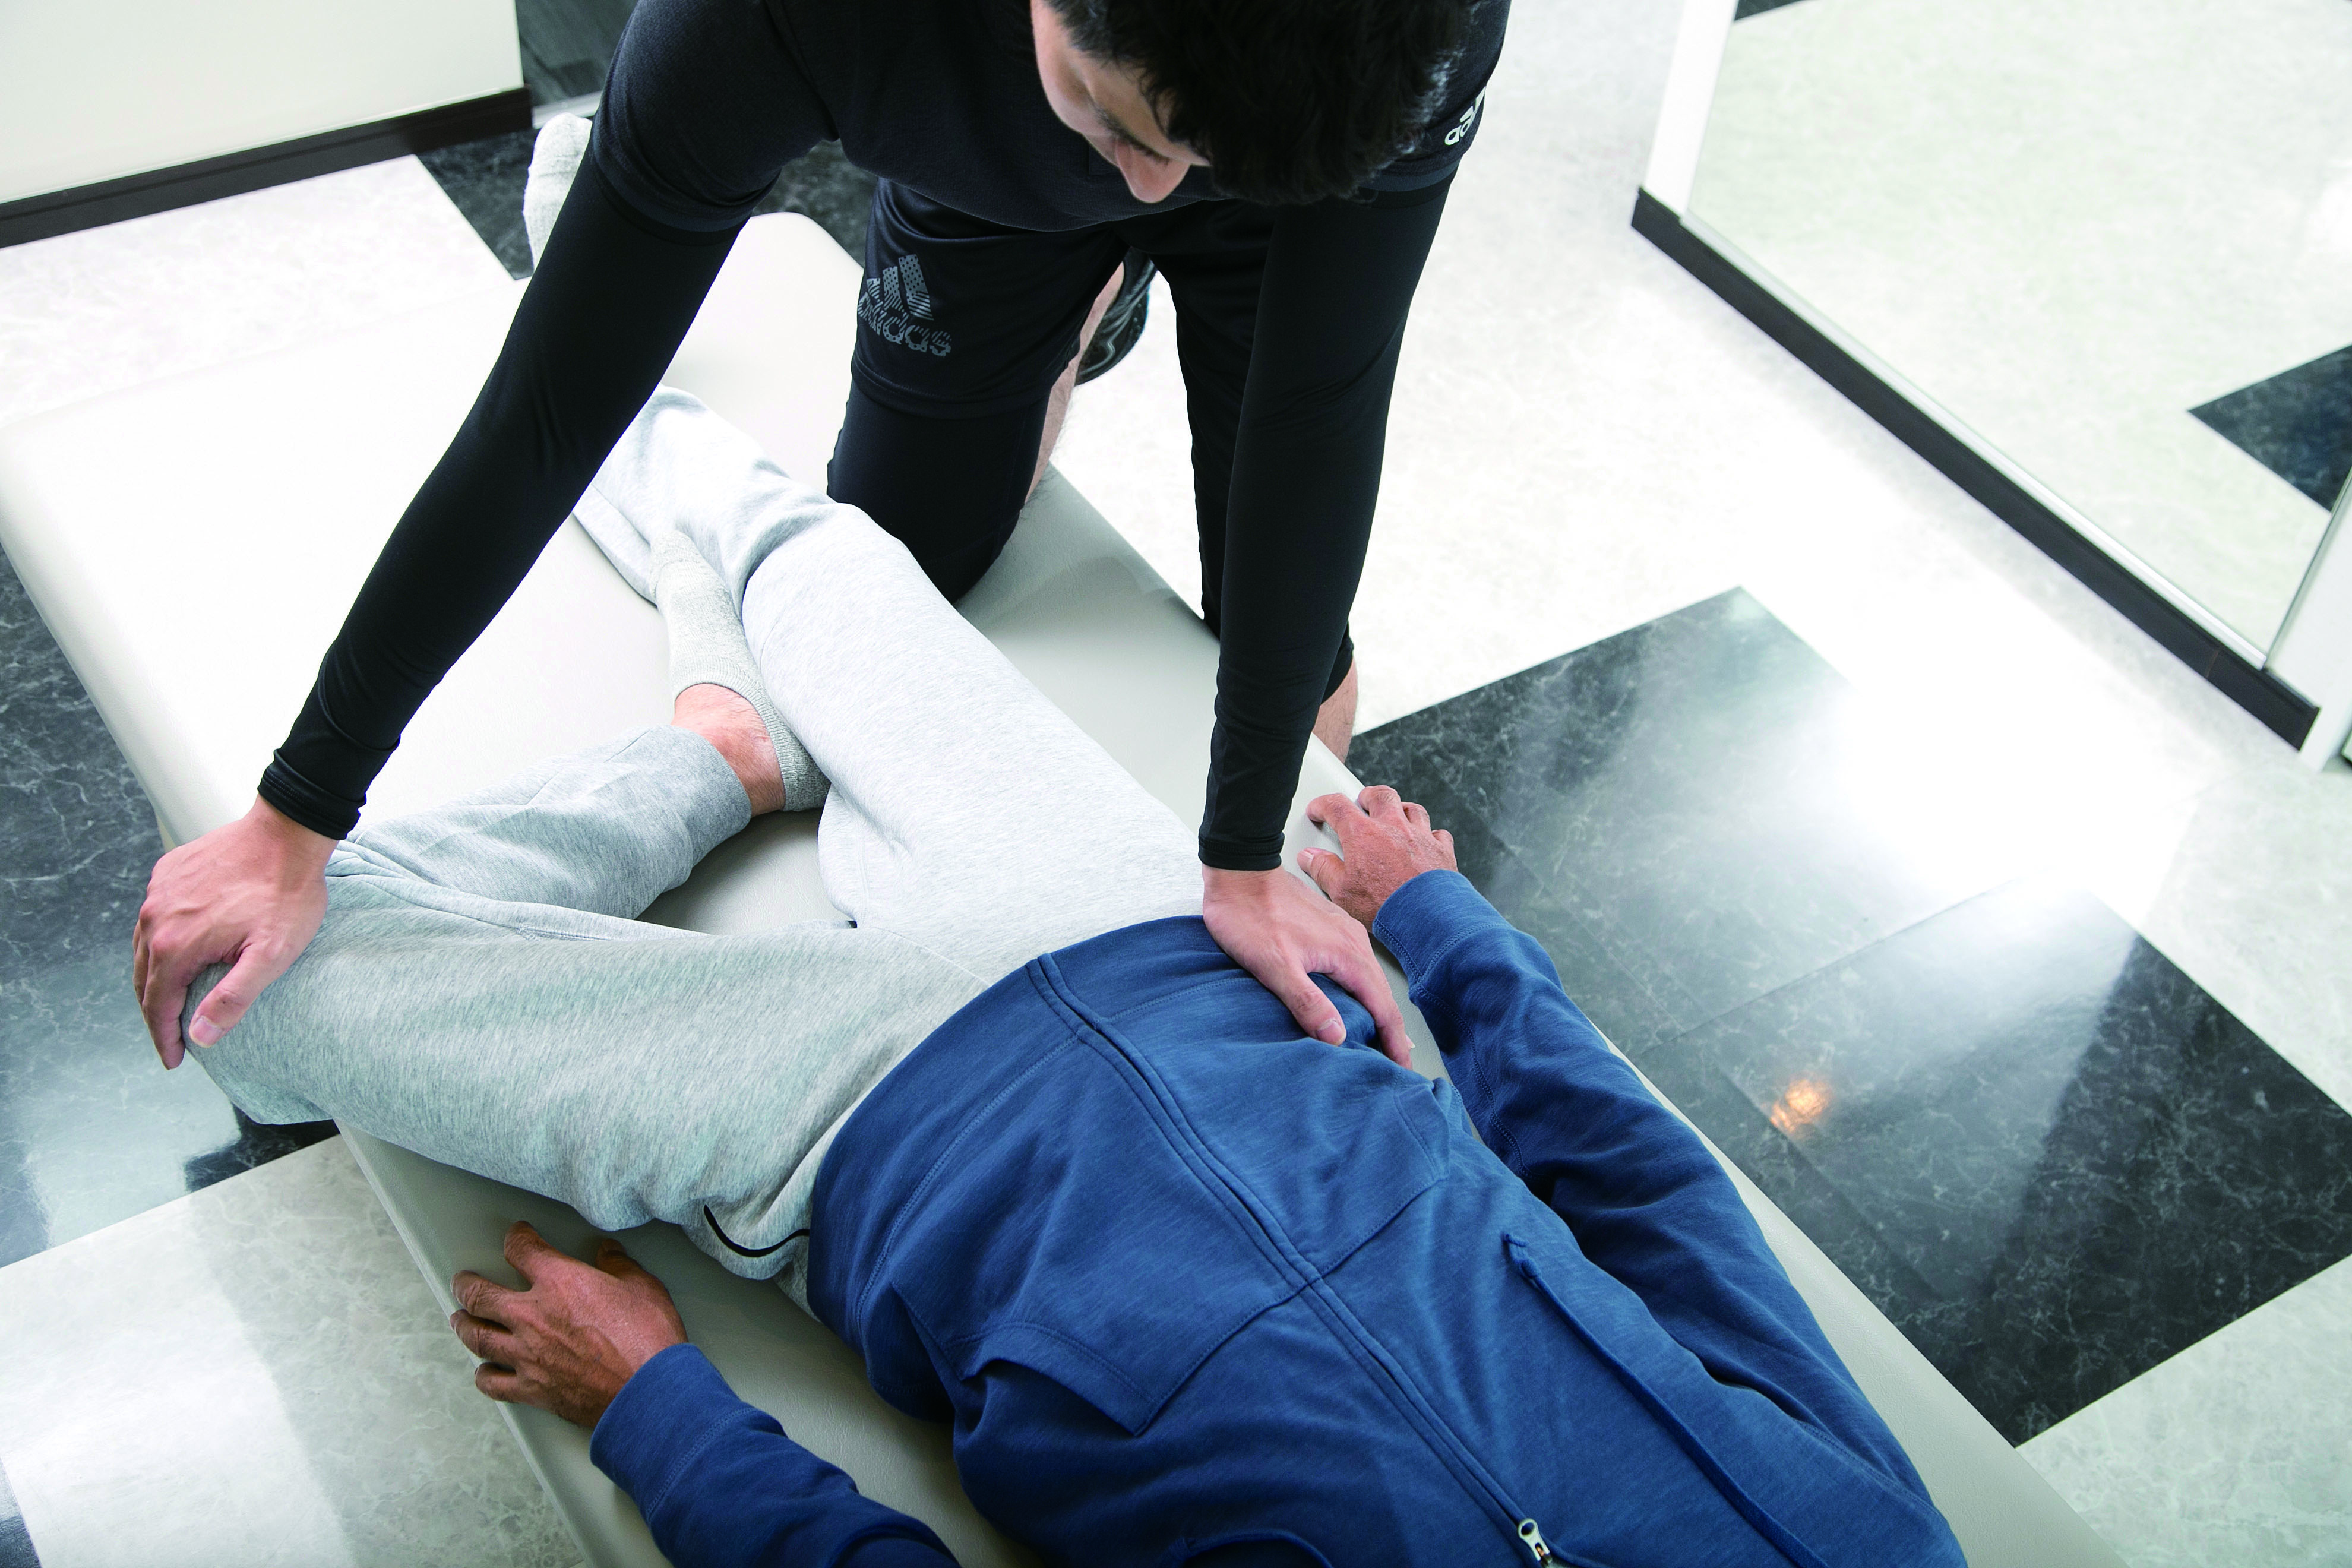 歪み・腰痛、肩痛、膝痛改善 身体調整モニター募集!page-visual 歪み・腰痛、肩痛、膝痛改善 身体調整モニター募集!ビジュアル